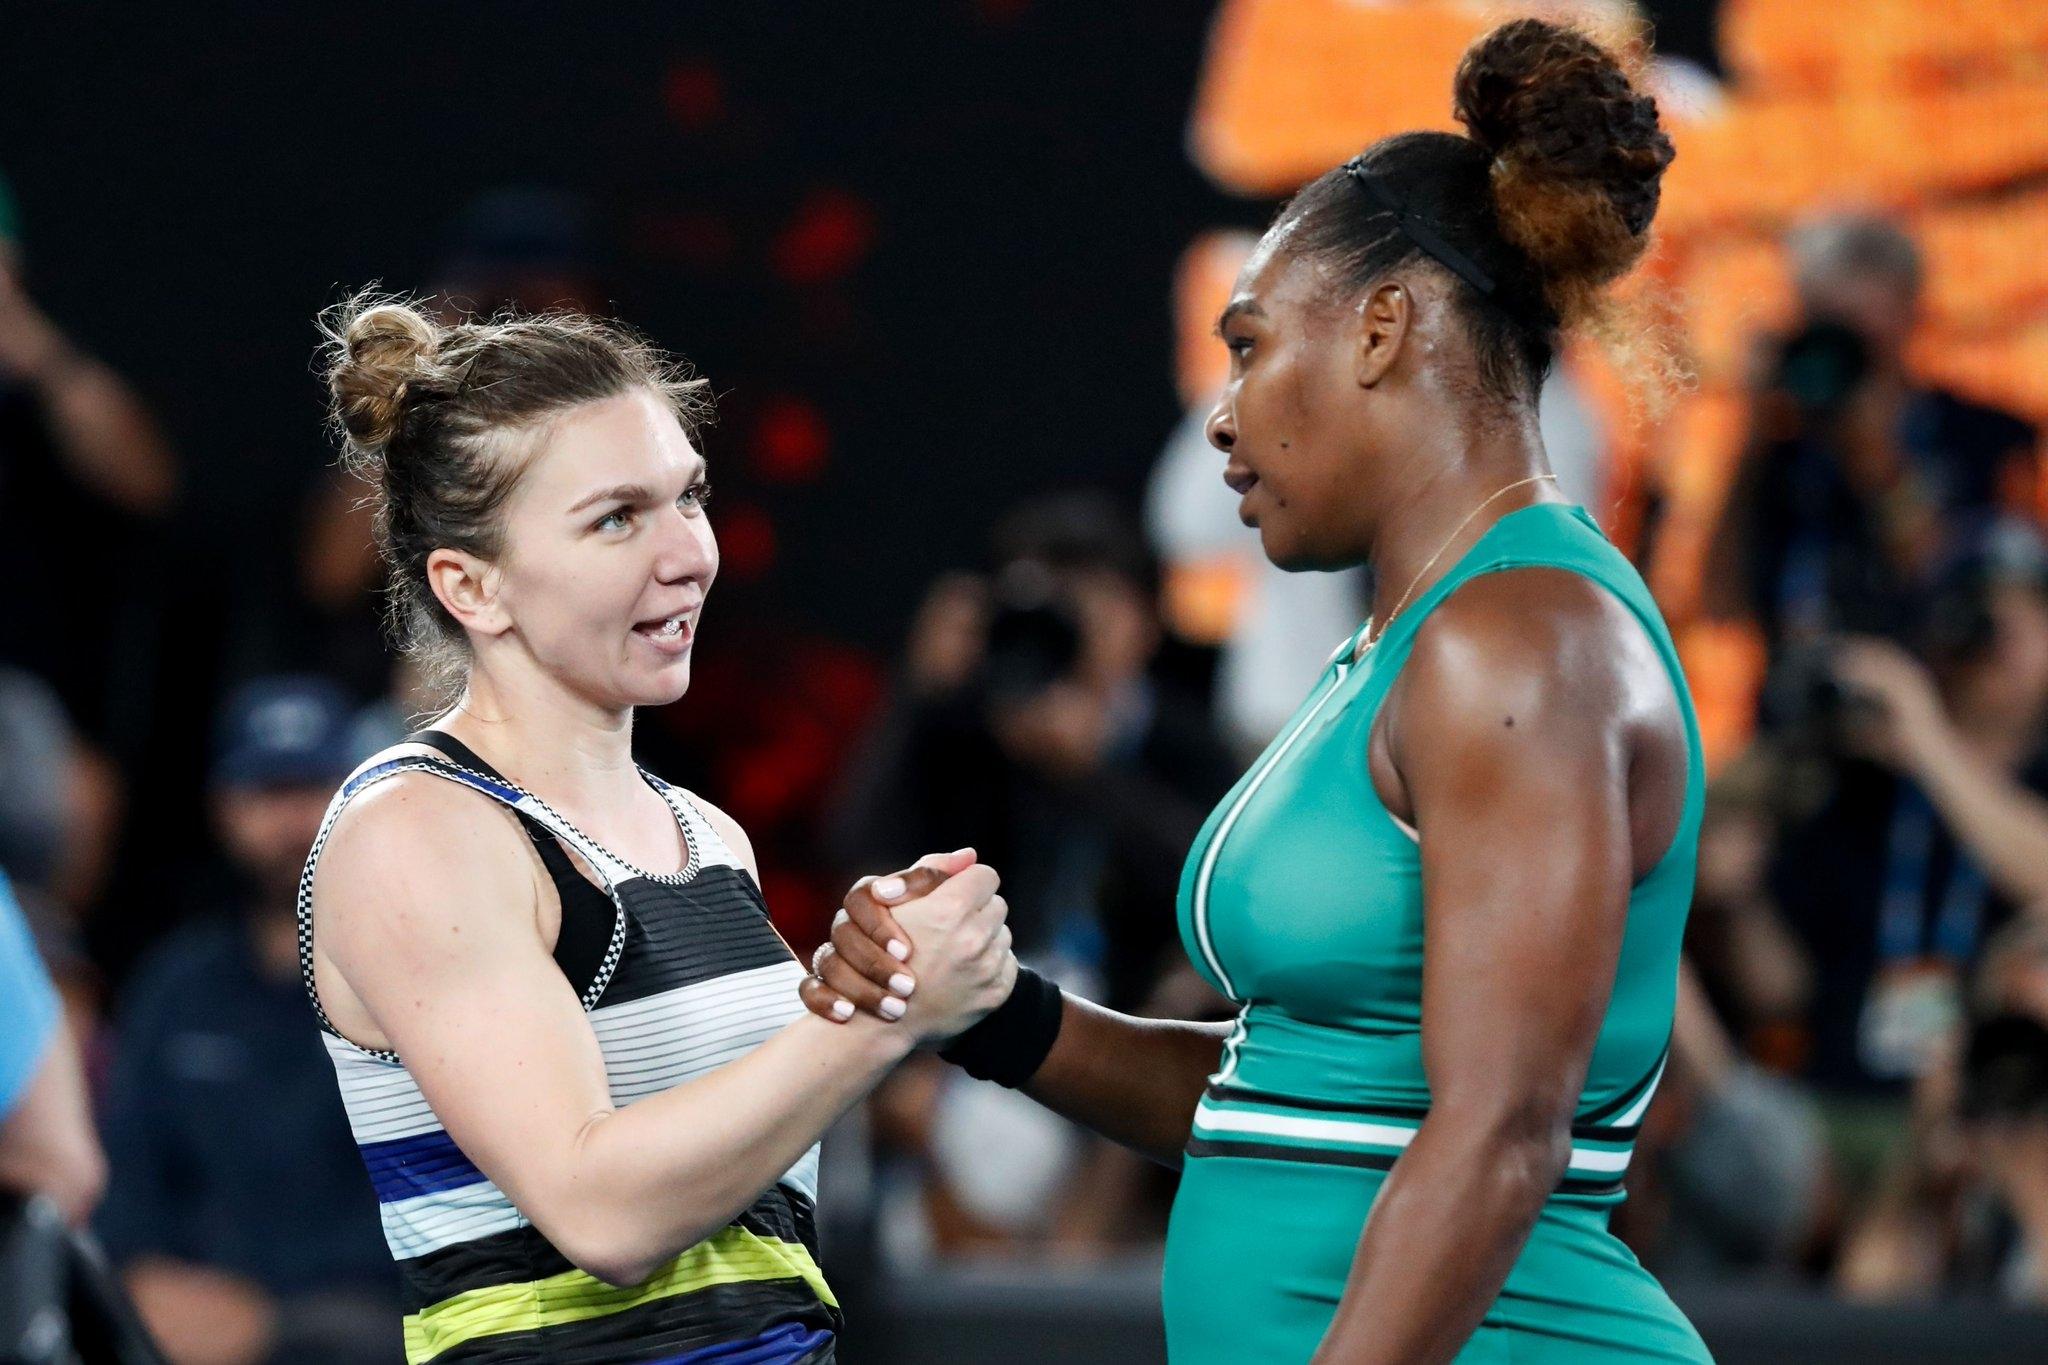 Румънската тенисистка Симона Халеп ще извлече единствено позитиви от поражението